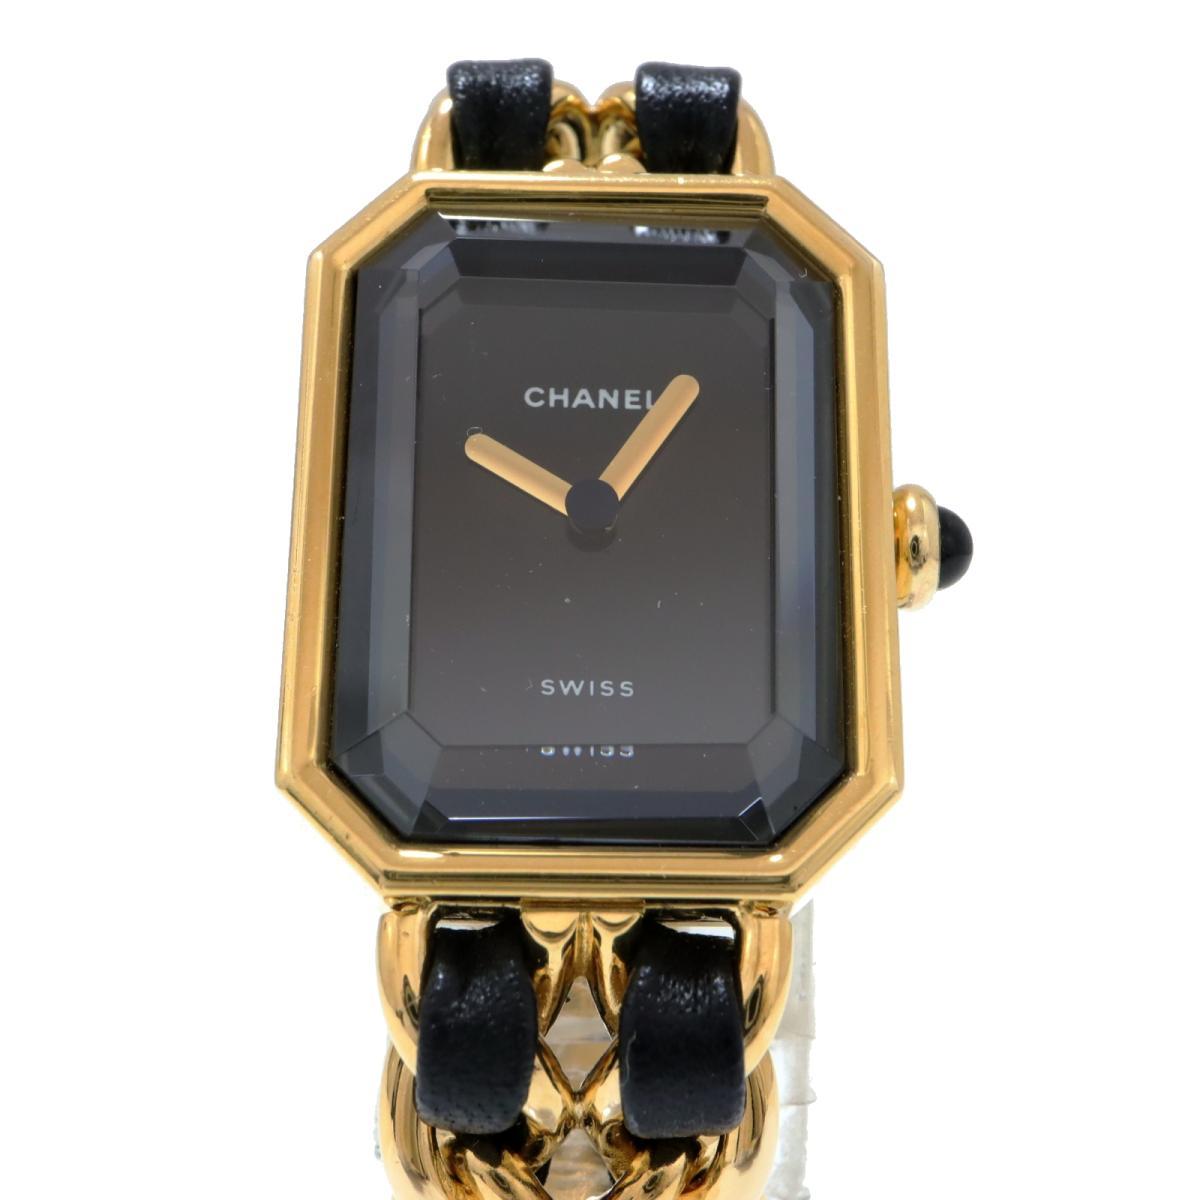 シャネル プルミエールS 腕時計 レディース GP x 革 ブラックH0001CHANEL BRANDOFF ブランドオフ ブランド ブランド時計 ブランド腕時計 時計 ウォッチ4jLARq35